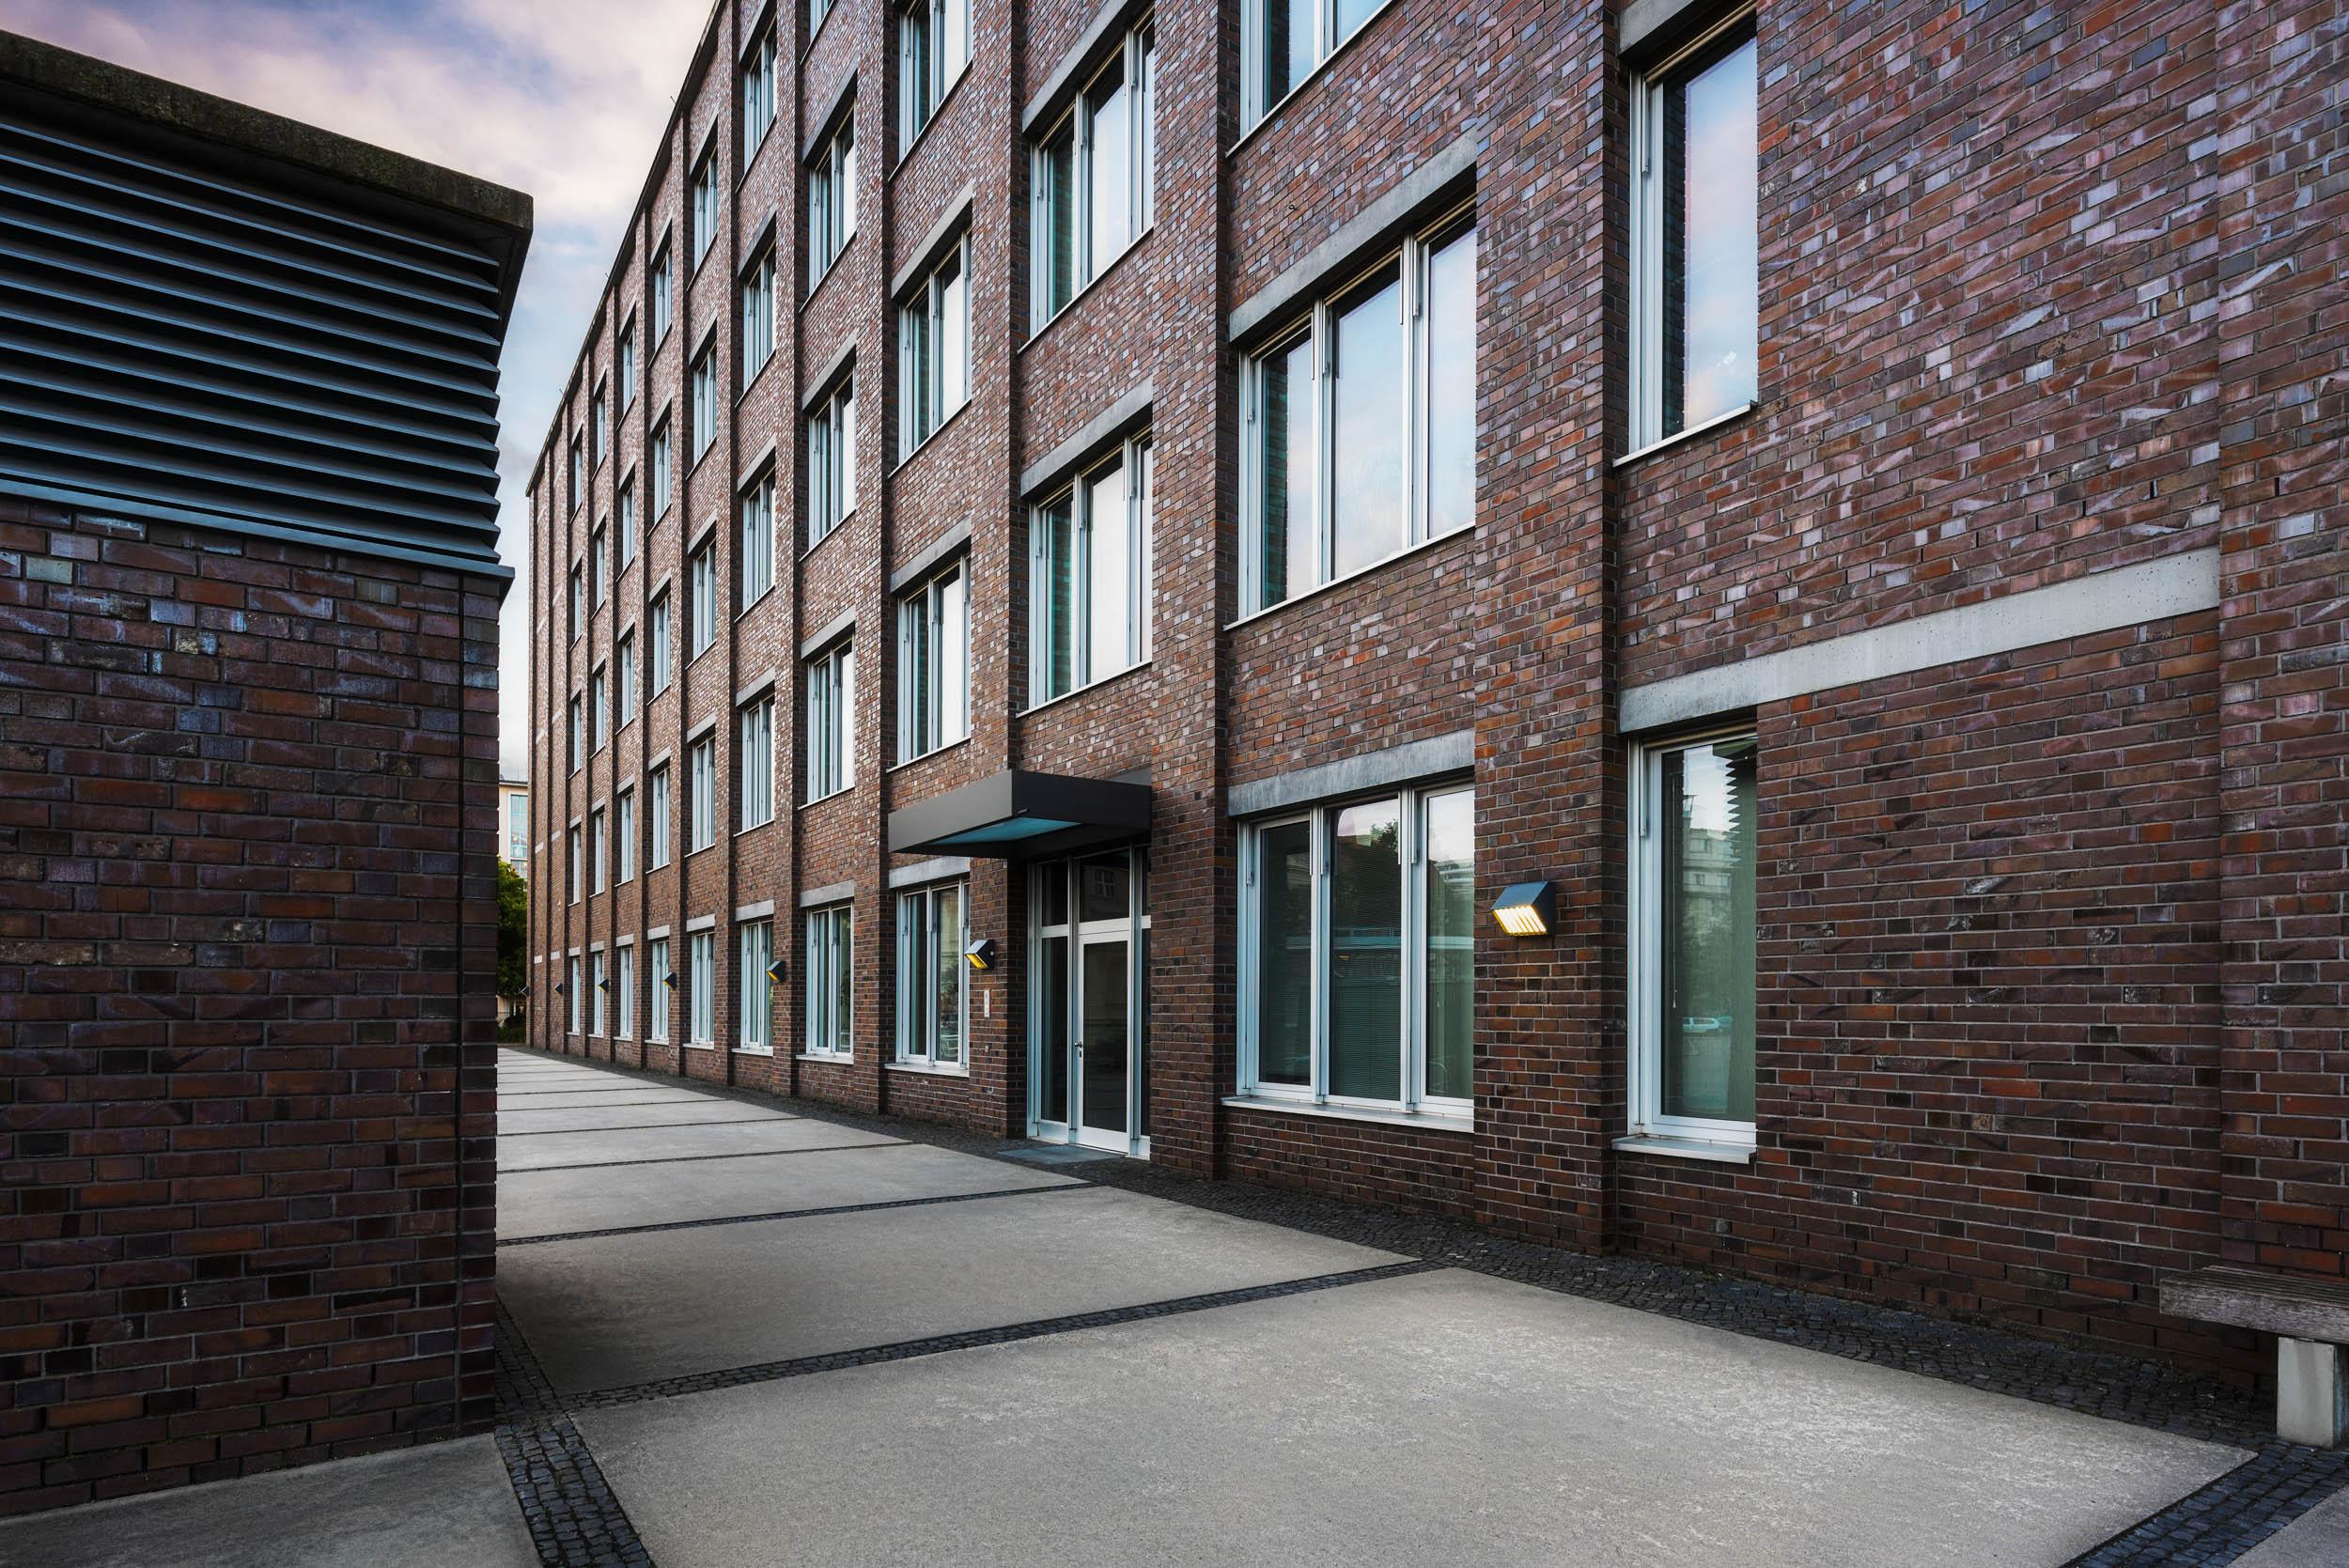 Gustav-Epple-Bauunternehmung-Bibliothek-Technische-Universität-Berlin_MLX6240